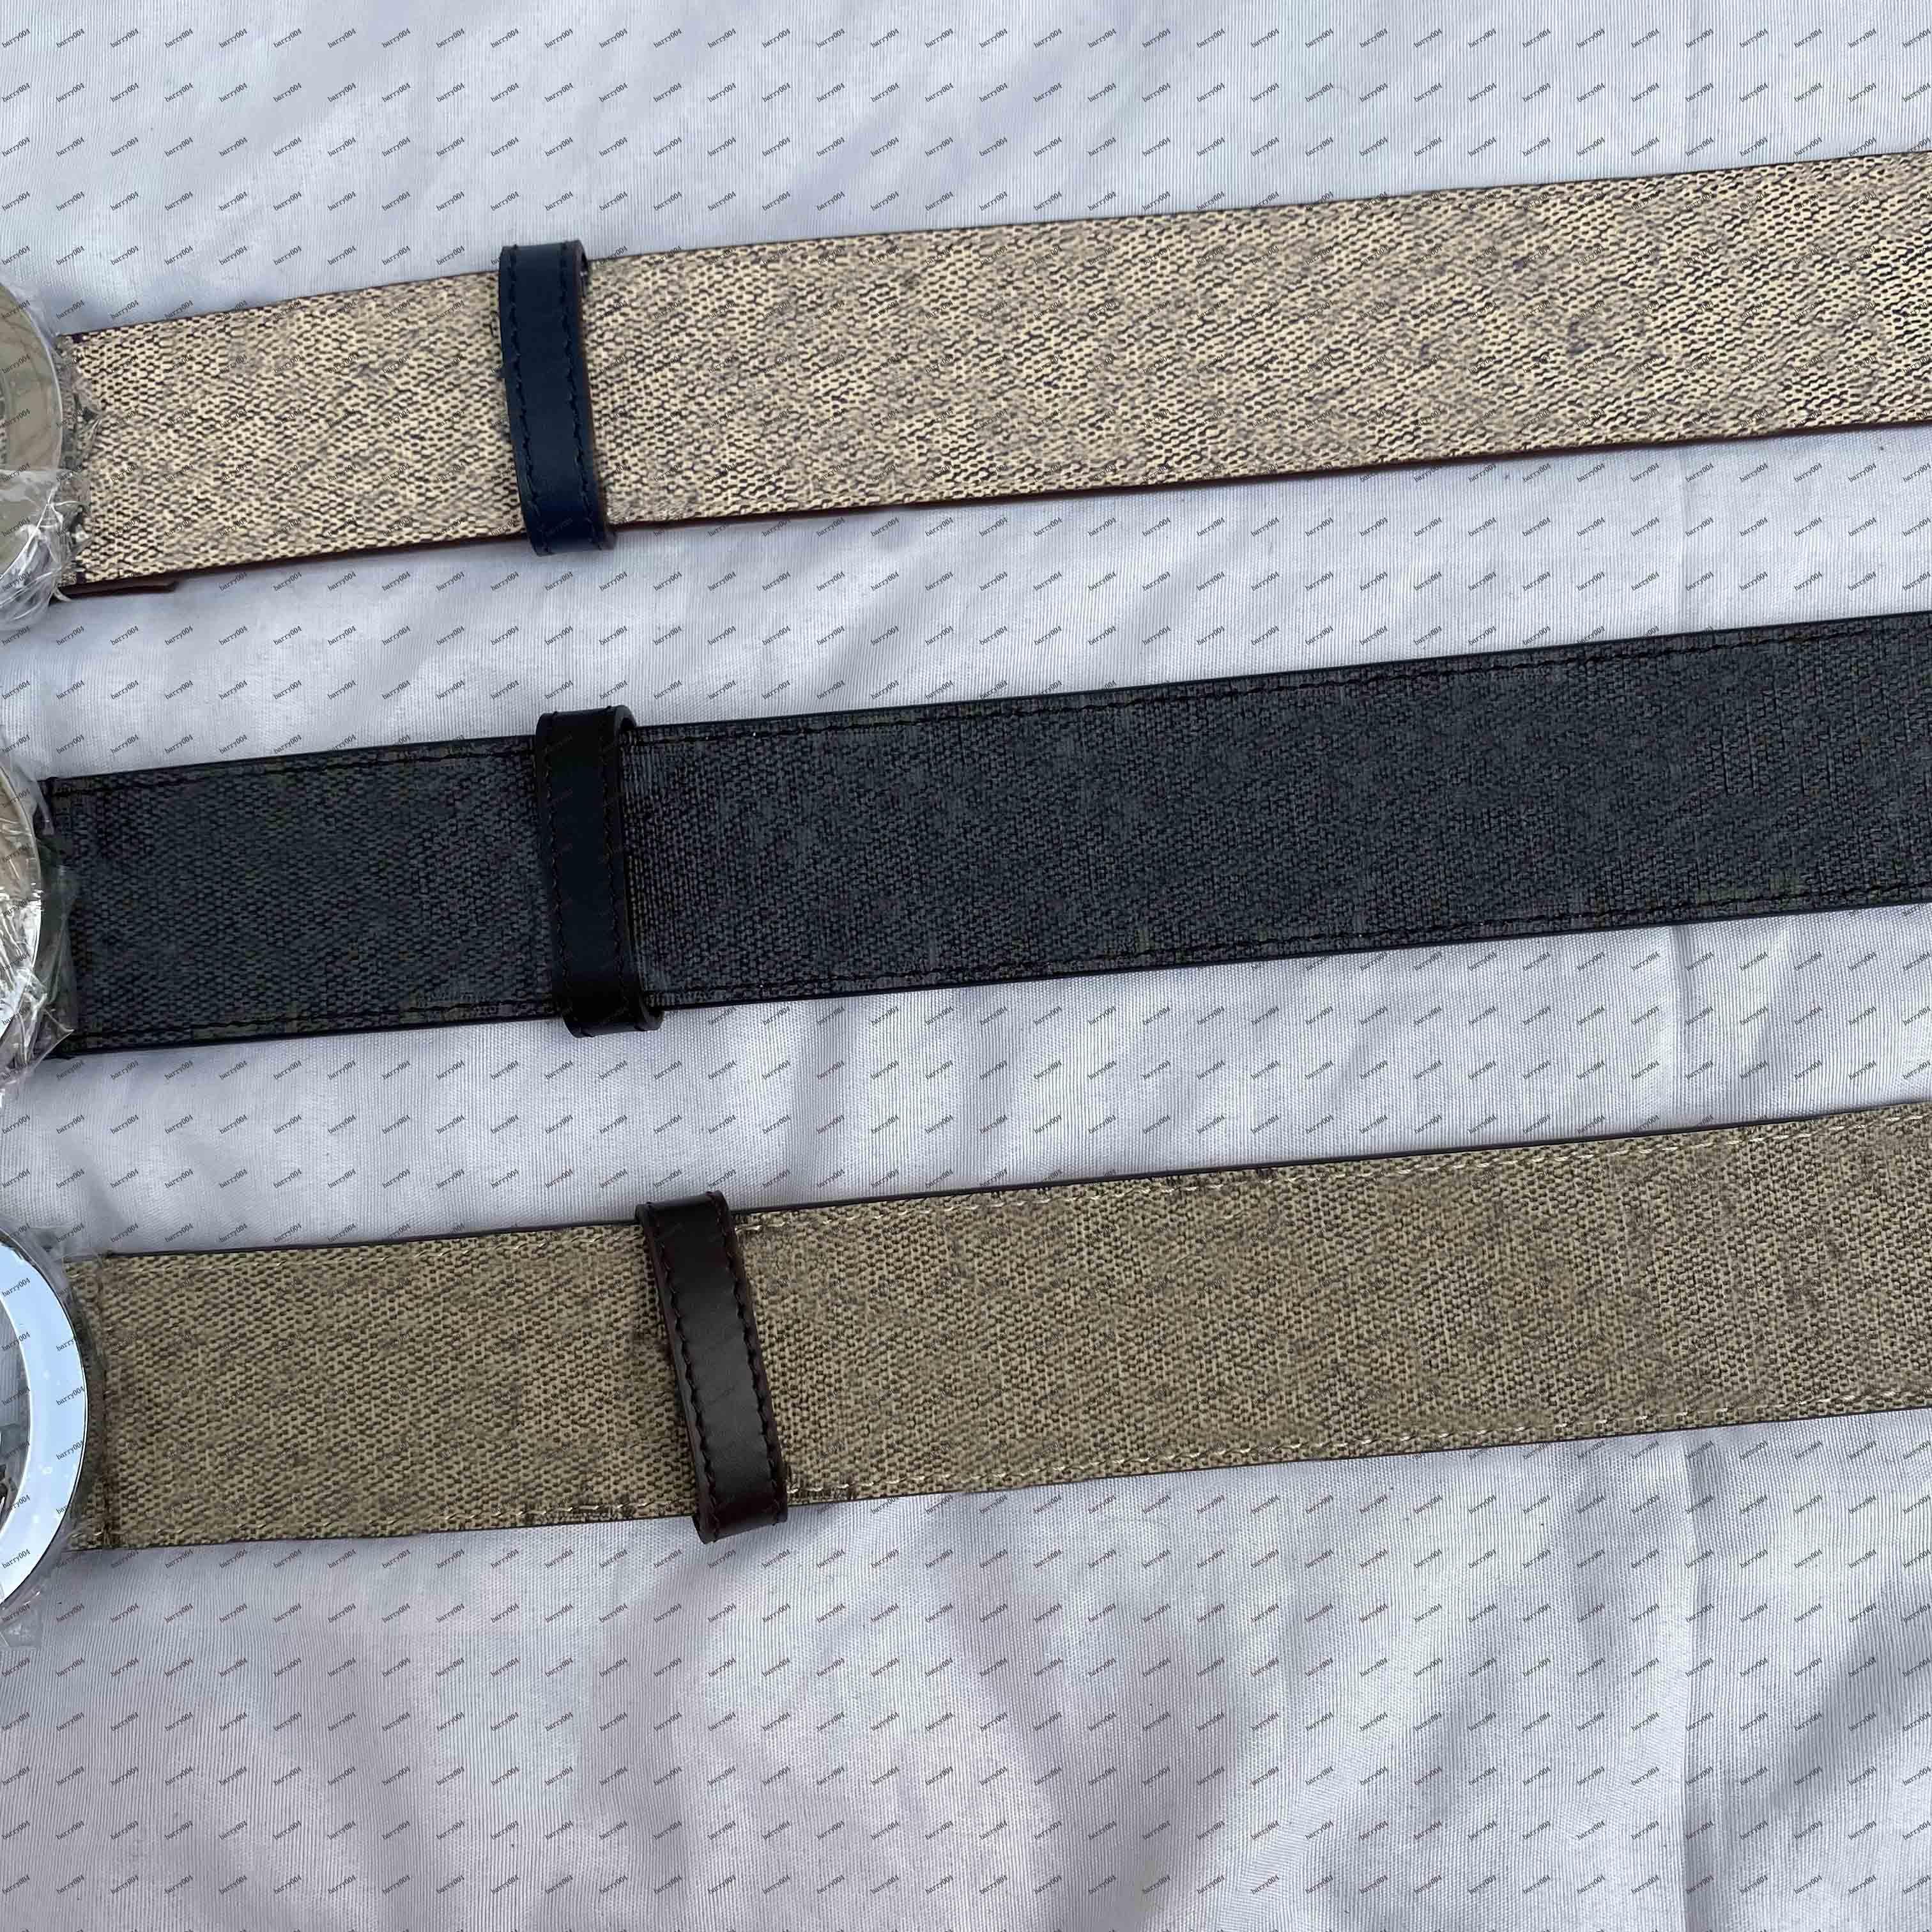 الكلاسيكية أفضل جودة 4 لون جلد طبيعي السيدات حزام مع الإطار الرجال حزام المرأة الذهب والفضة مشبك حزام شحن مجاني 13